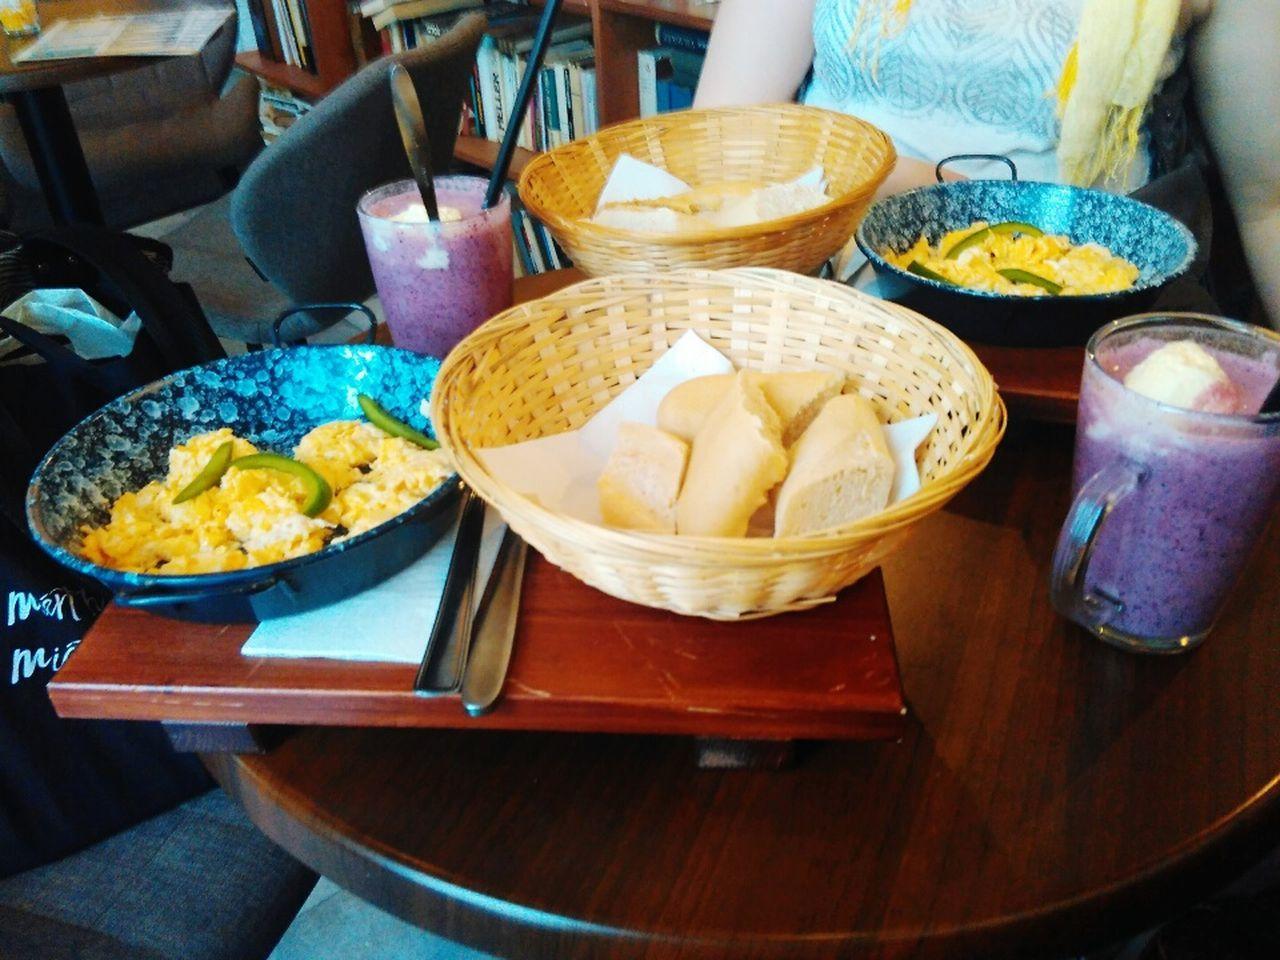 Food Foodphotography Foodporn Breakfast Scrambledeggs Milkshake Scarf Yellow Friends Girls Girlsdayout Eat Eatouts Visual Feast